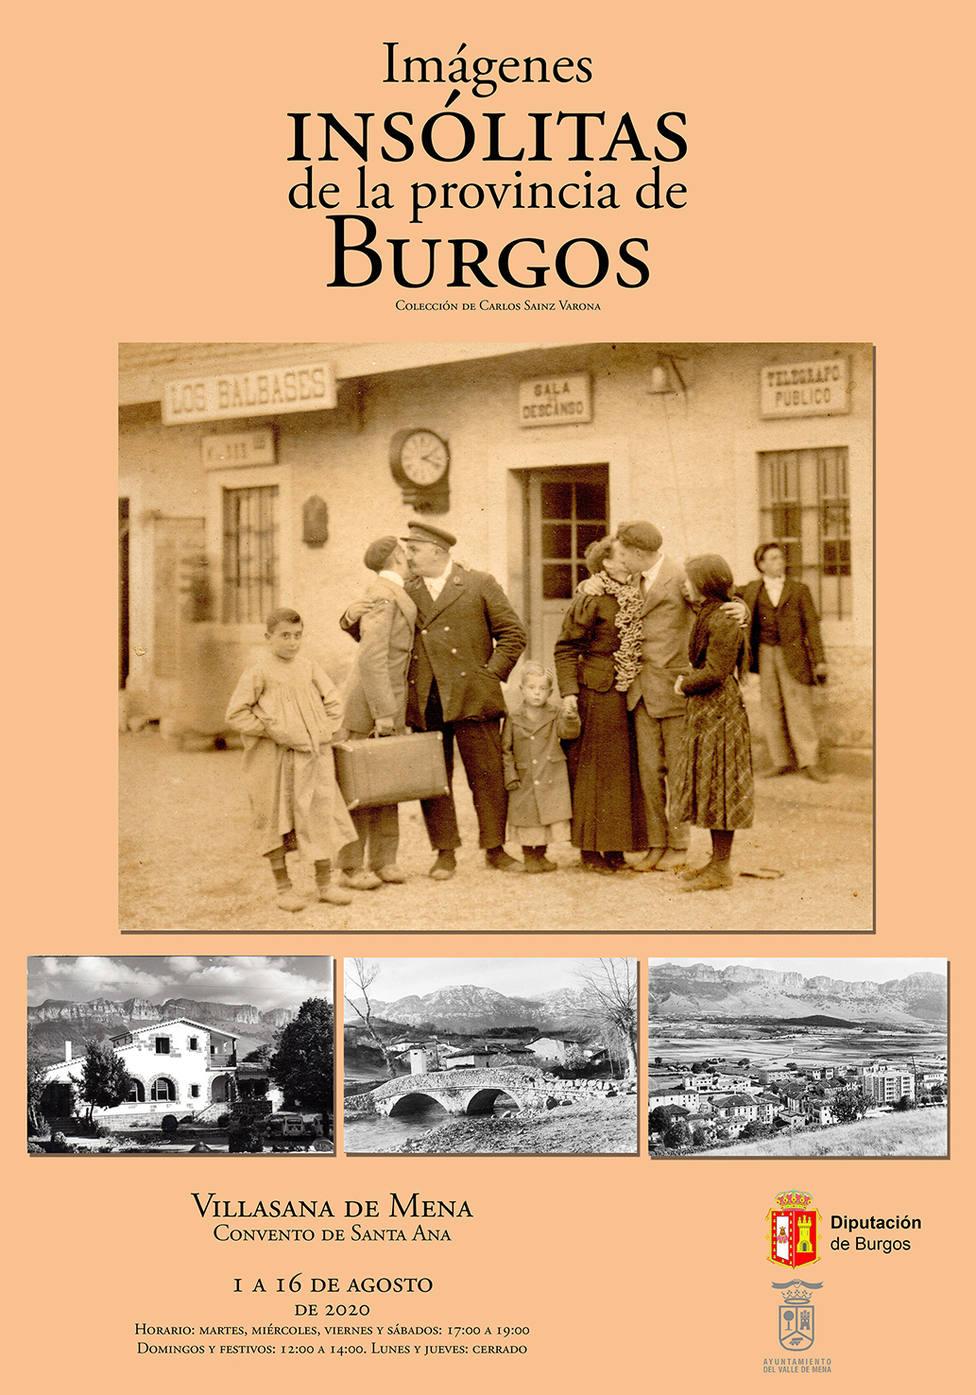 La exposición itinerante 'Imágenes insólitas de la provincia de Burgos' llega al Valle de Mena